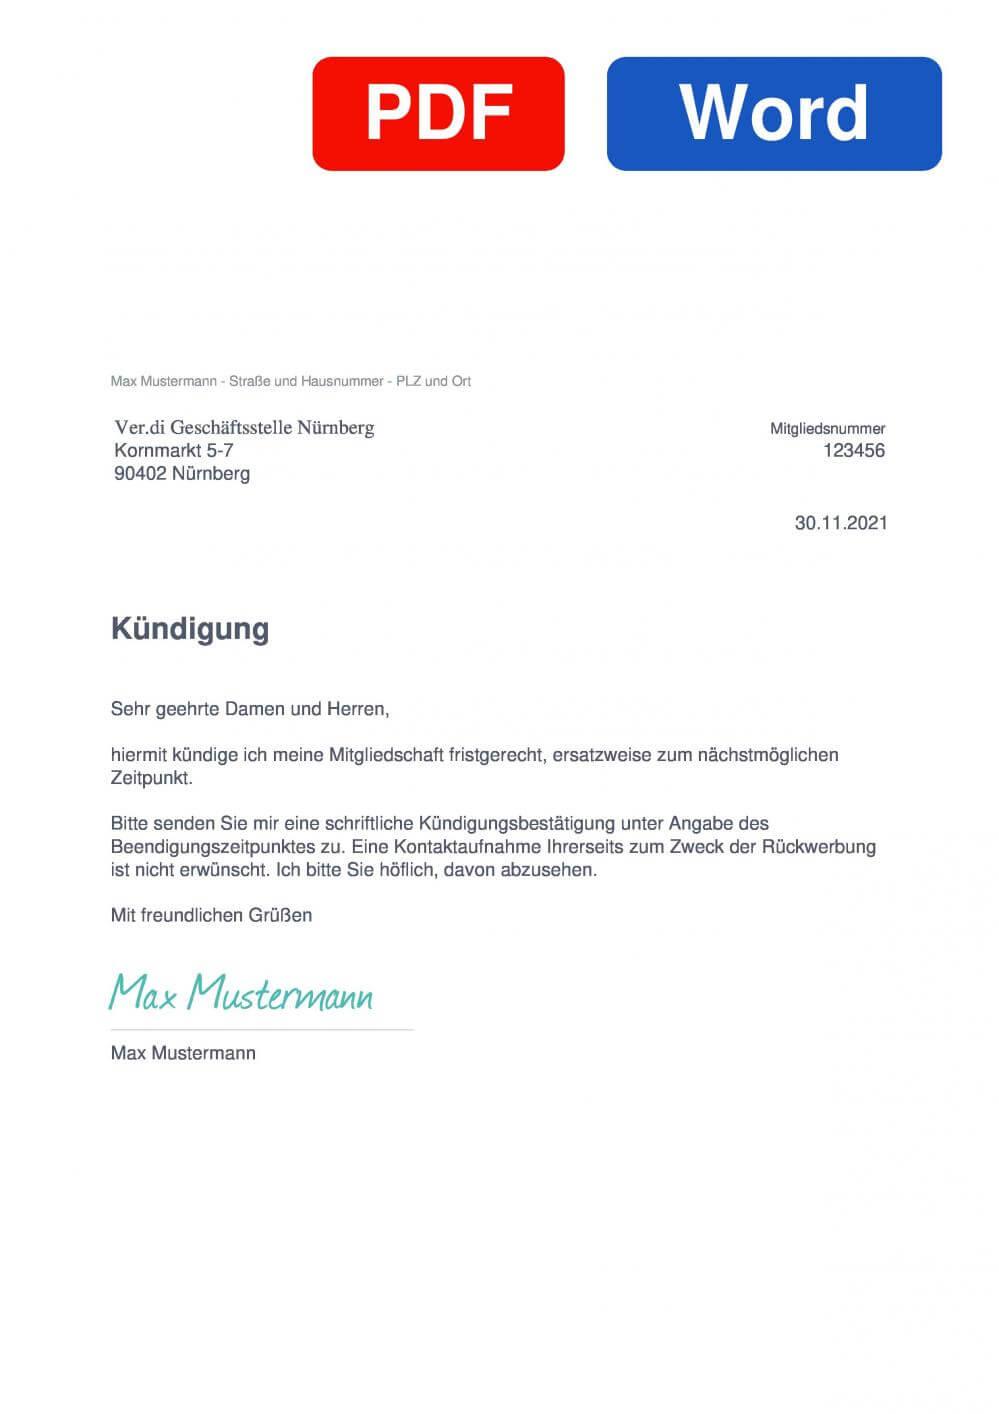 Verdi Nürnberg Muster Vorlage für Kündigungsschreiben